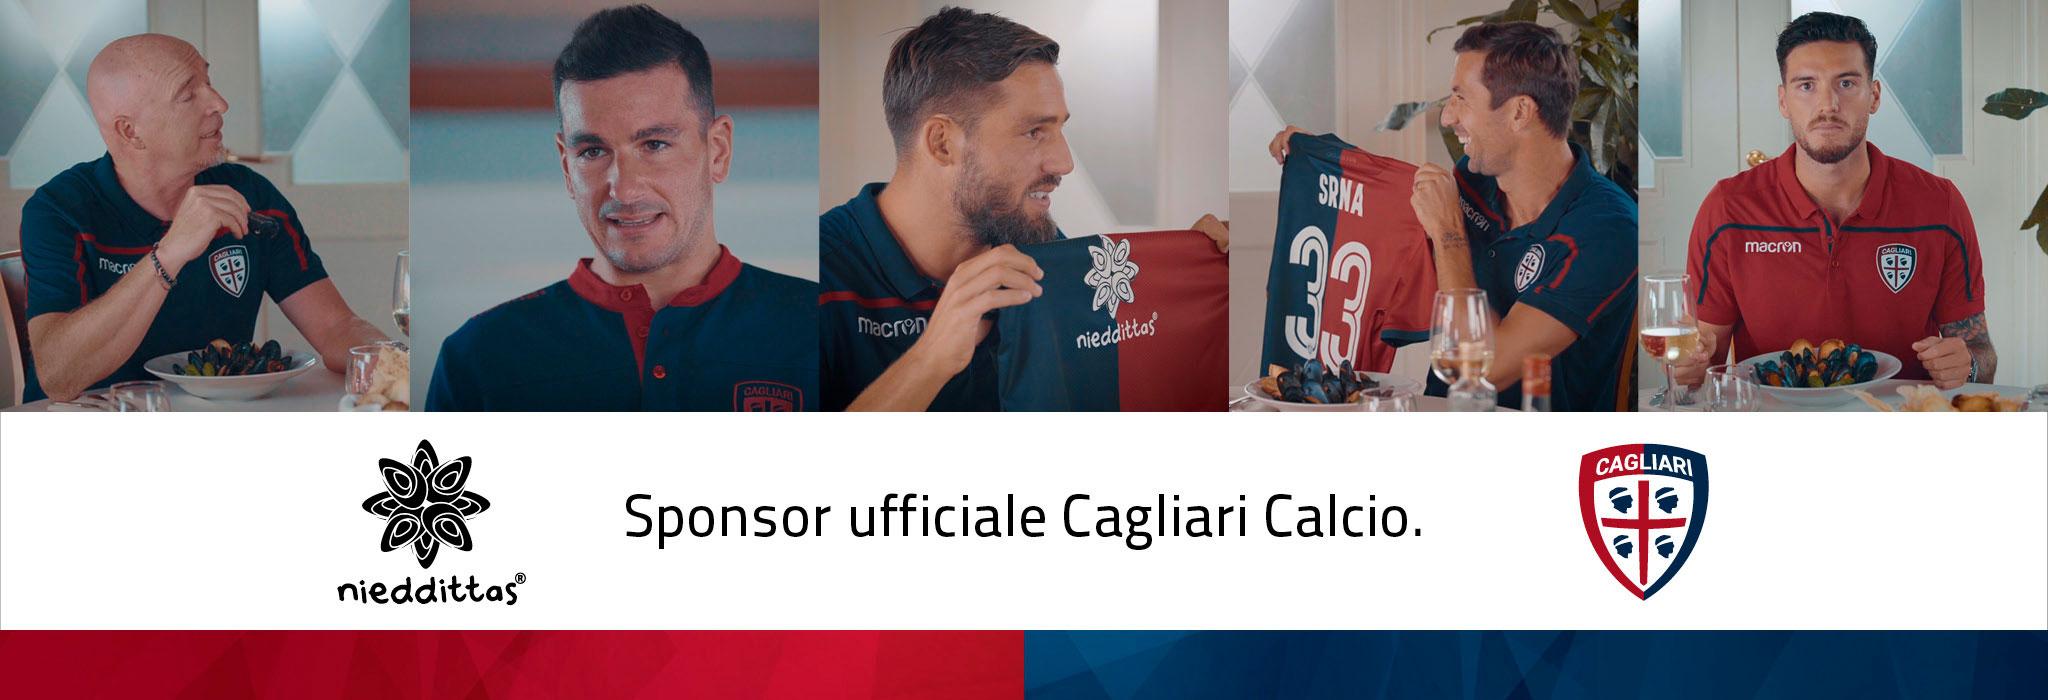 EDD_151118_SLIDE_CagliariCalcio_homePage_TRITTICO_2048x700px